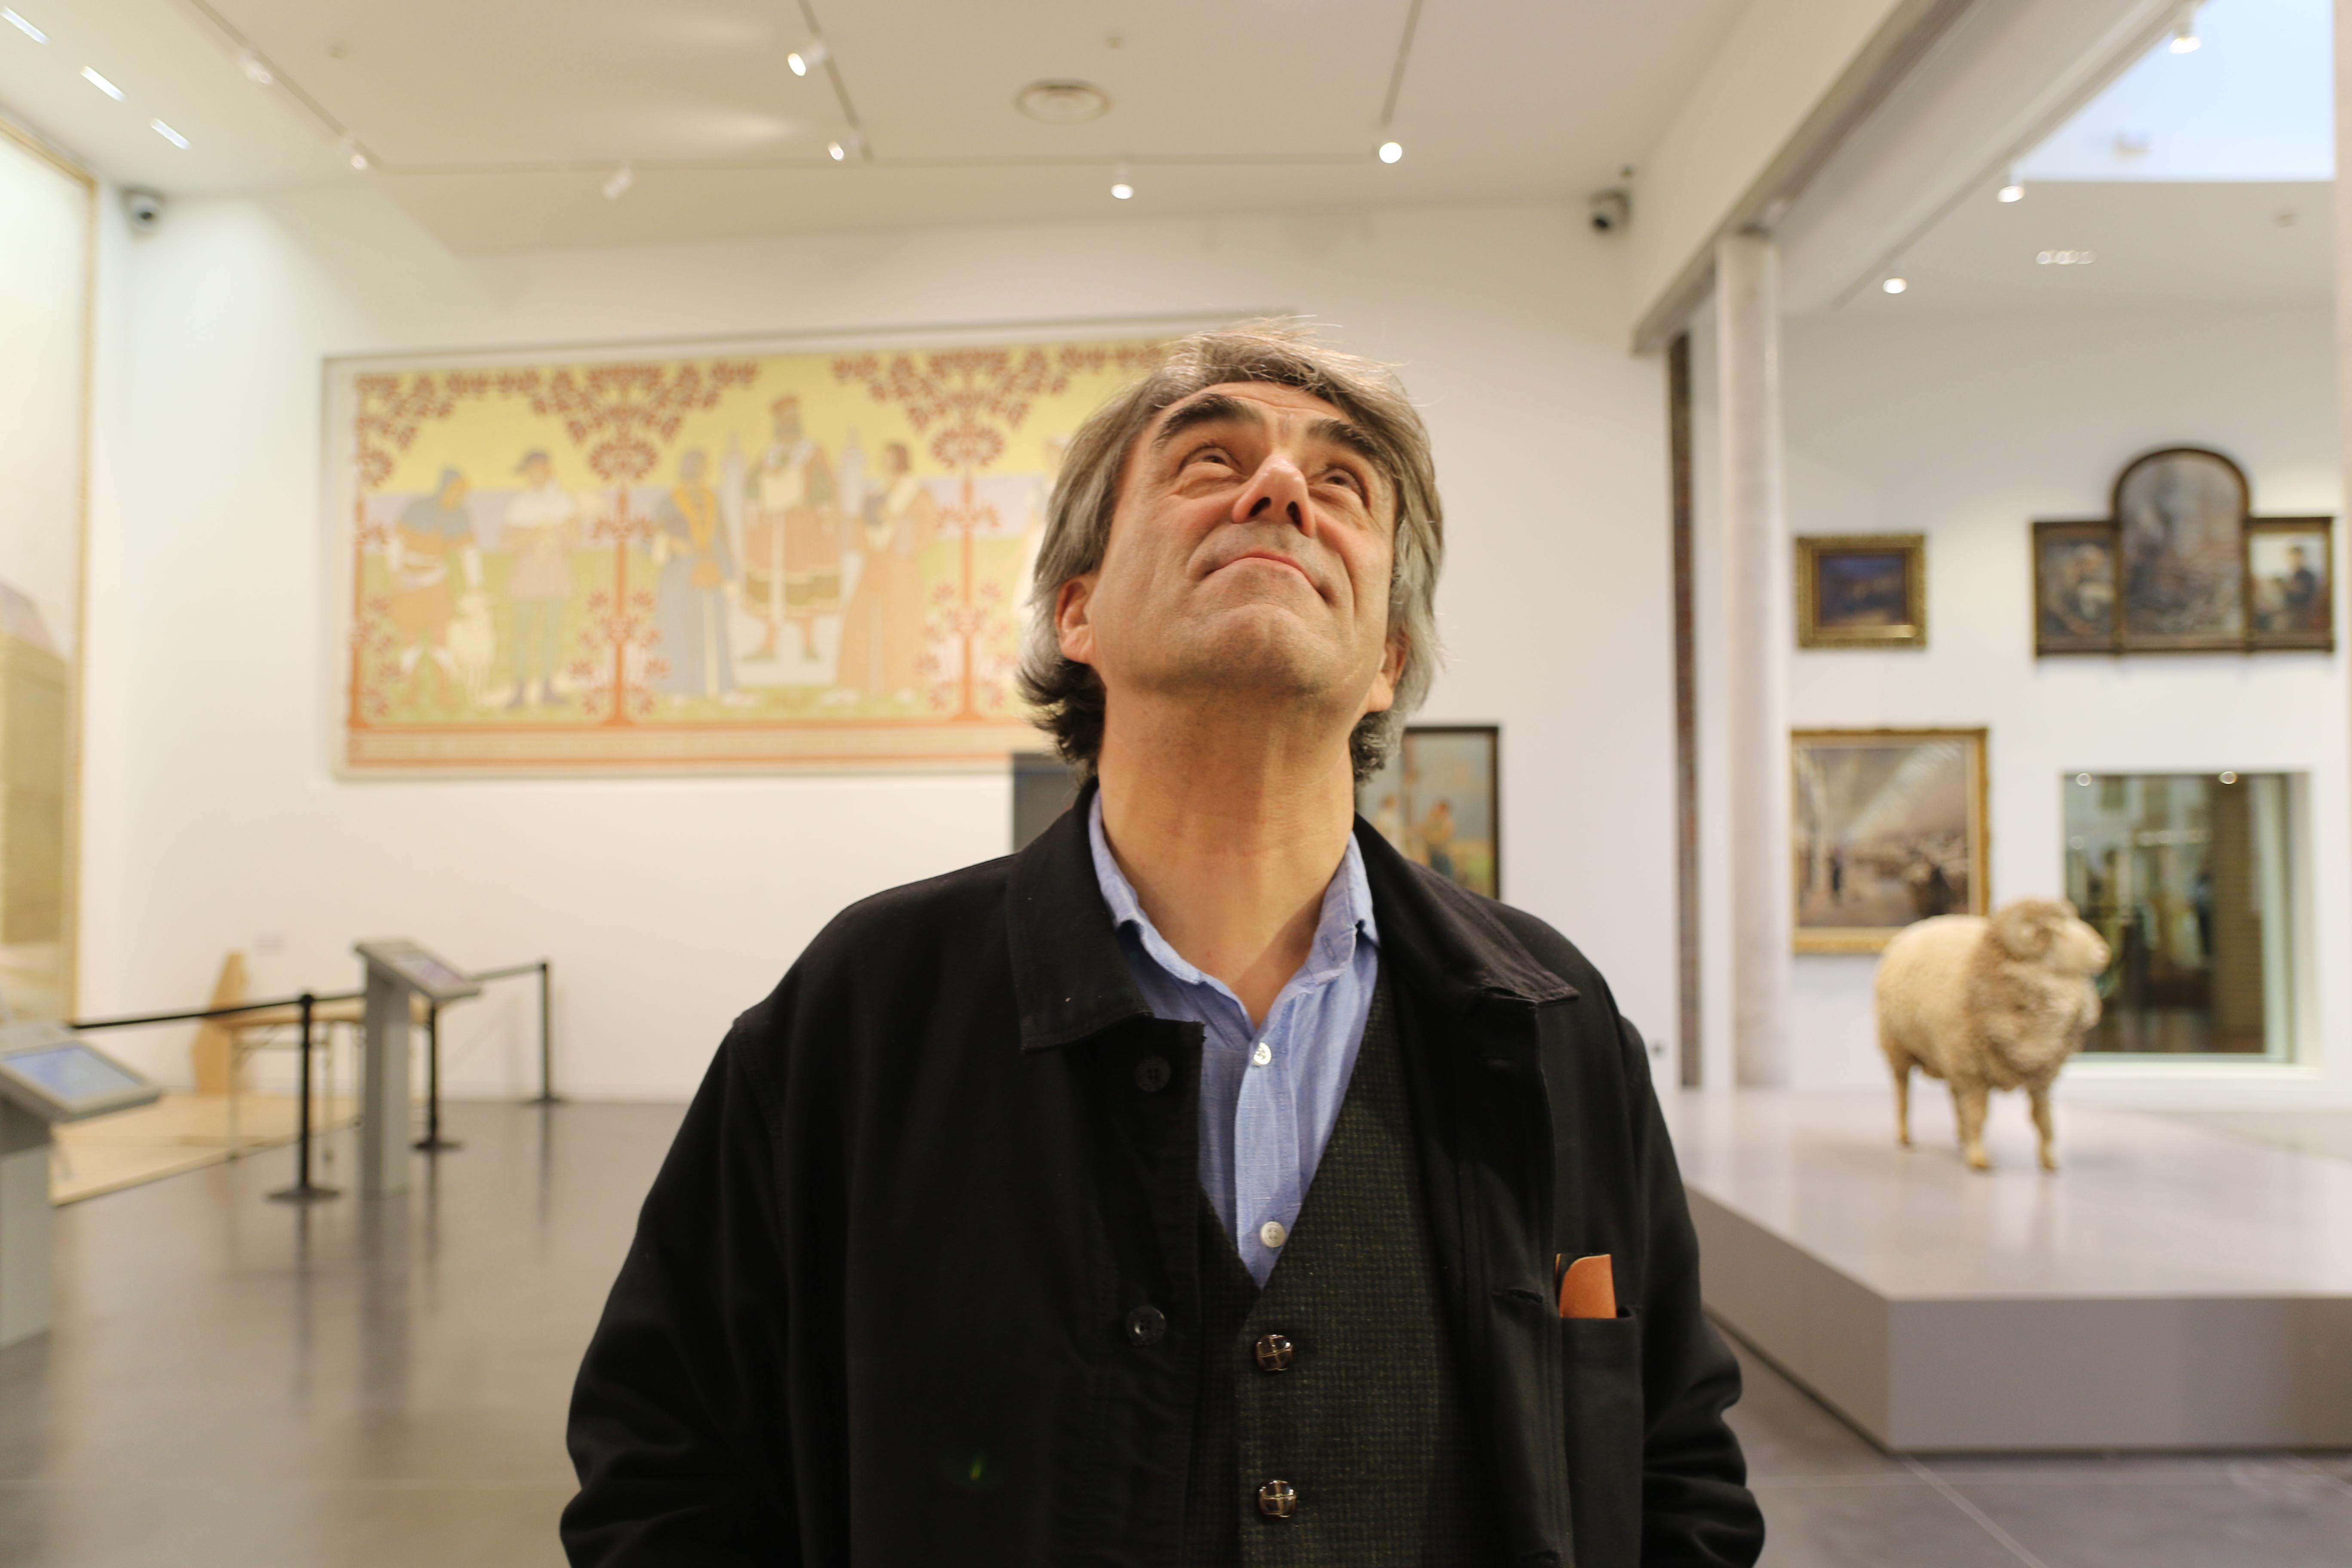 Bruno Gaudichon devant un tableau représentant la ville de Roubaix